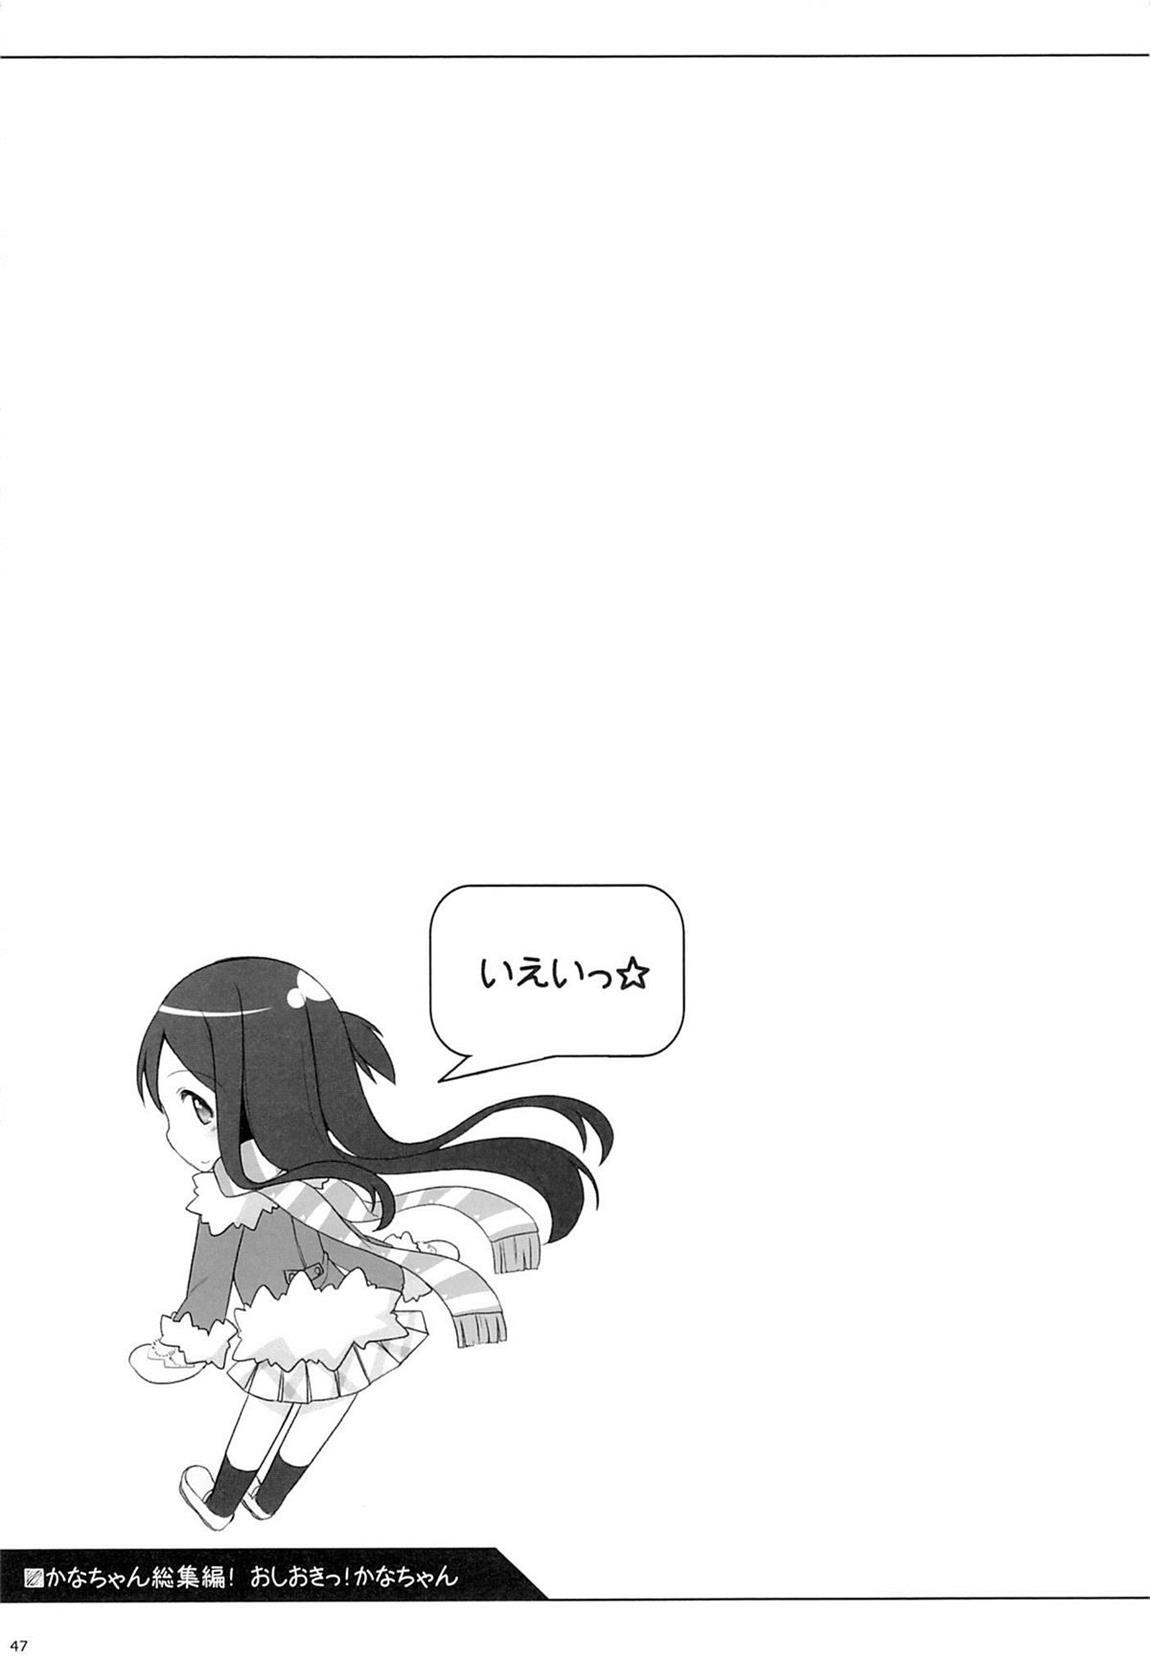 【エロ漫画・エロ同人】雨に濡れてるロリJSを家にあげてあげたら誘惑されてるんだがwロリマン突いて中出しセックスしたったwww  (46)